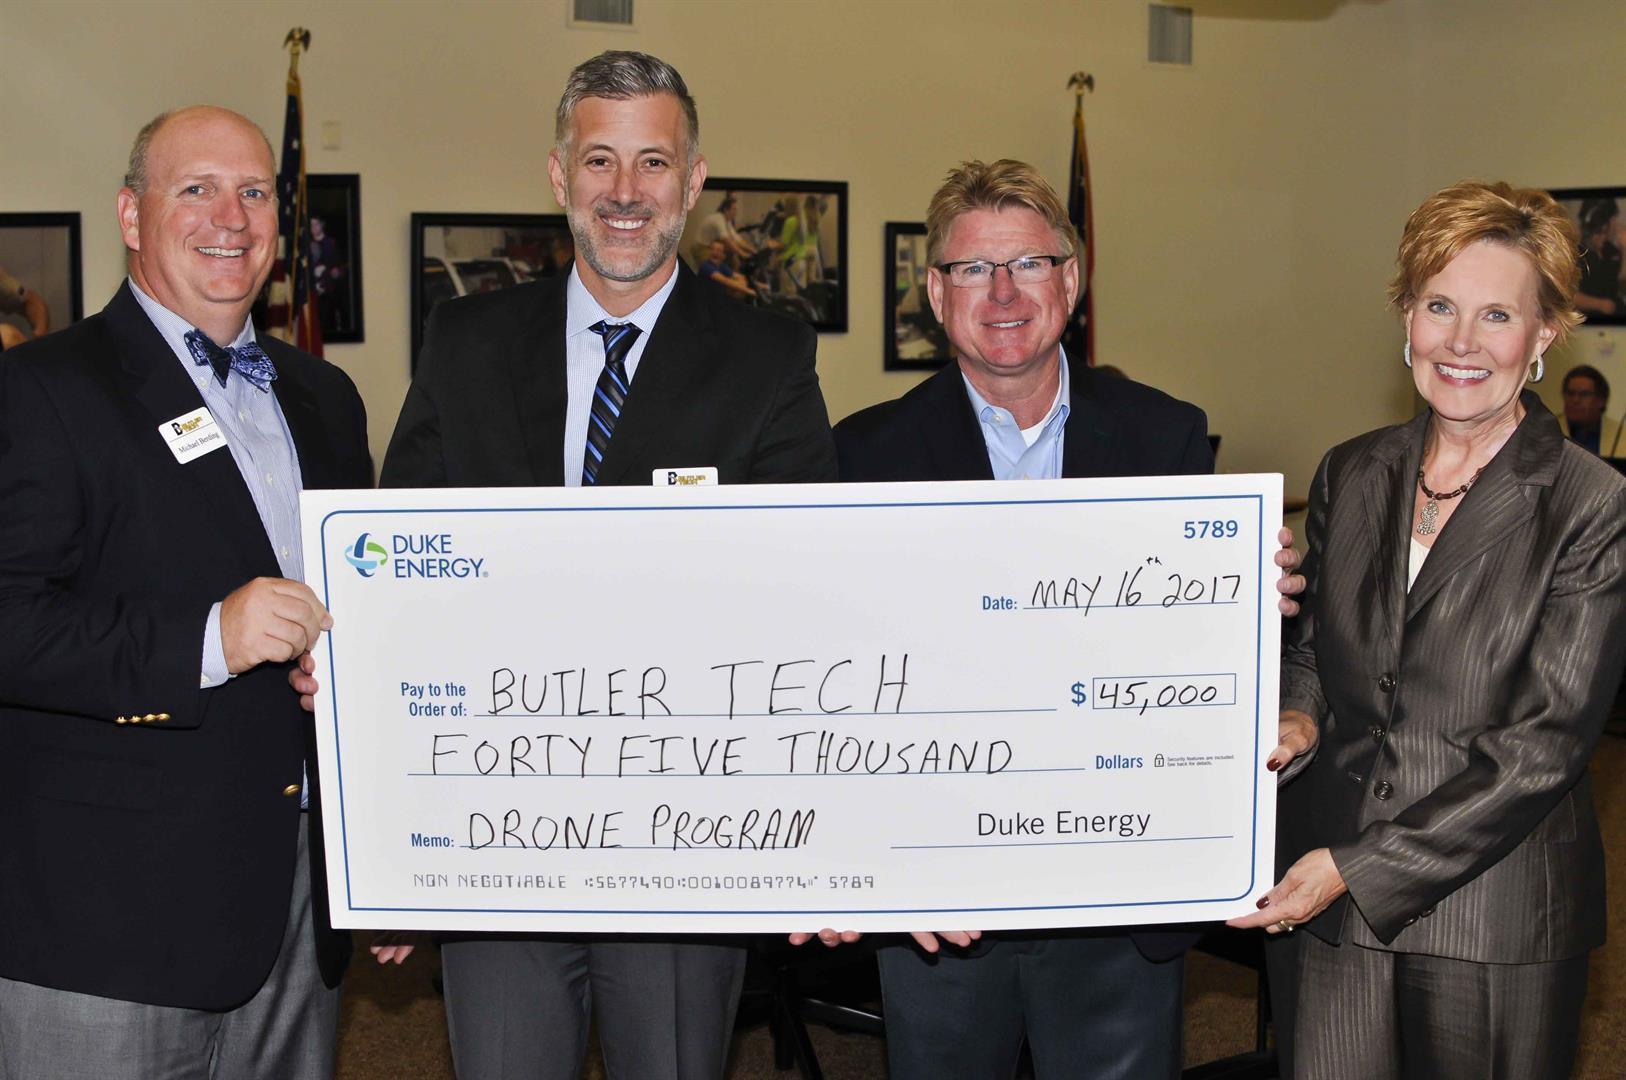 Duke Energy check presentation to Butler Tech